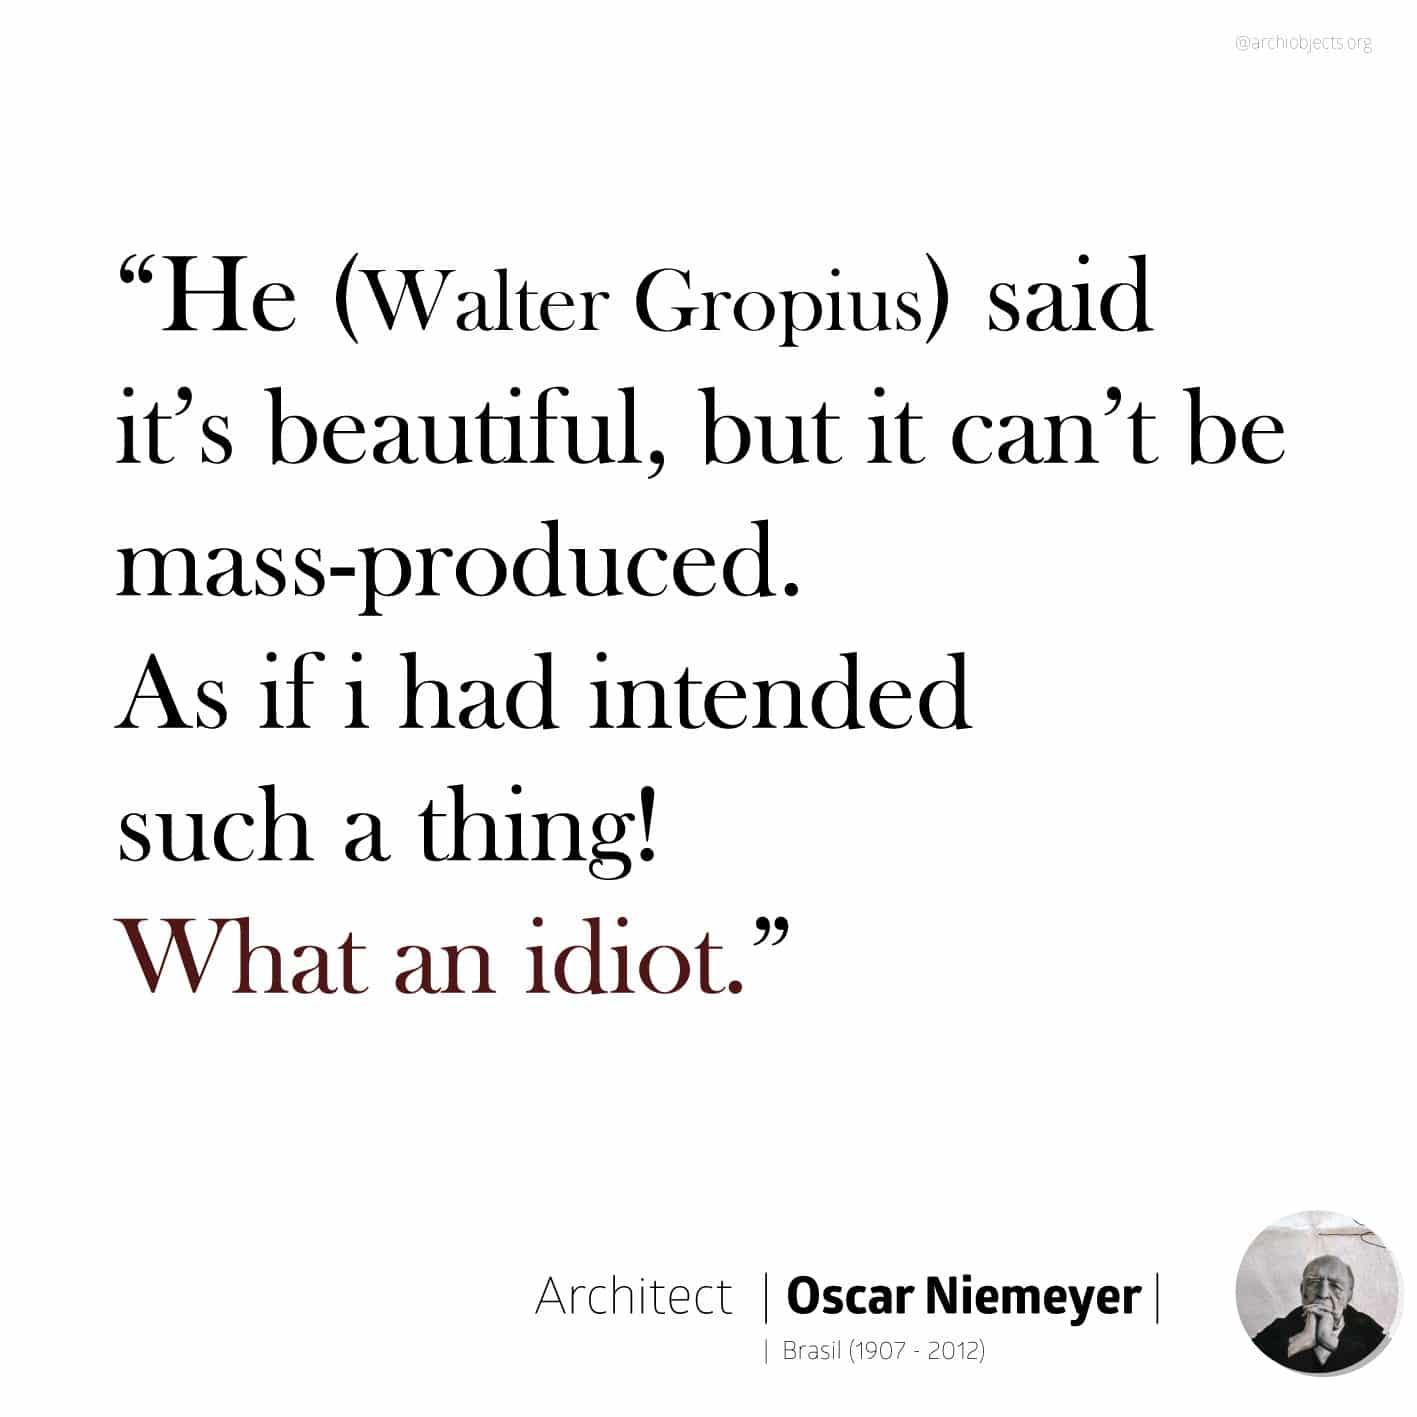 oscar niemeyer quote